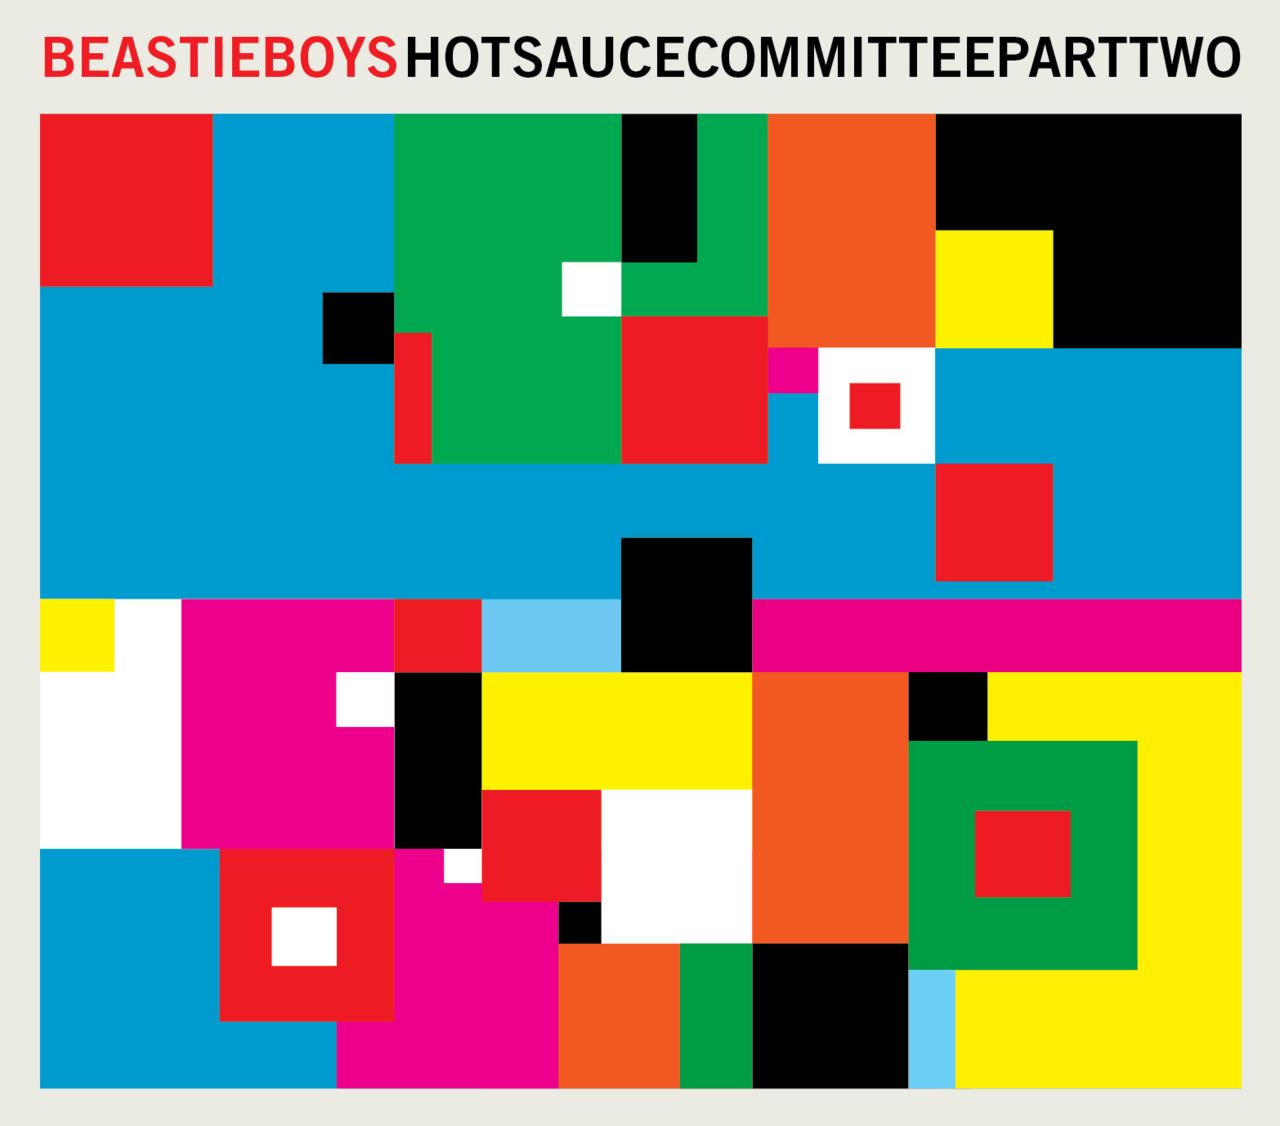 [Musique]  Beastie Boys Hot Sauce Committee Part 2